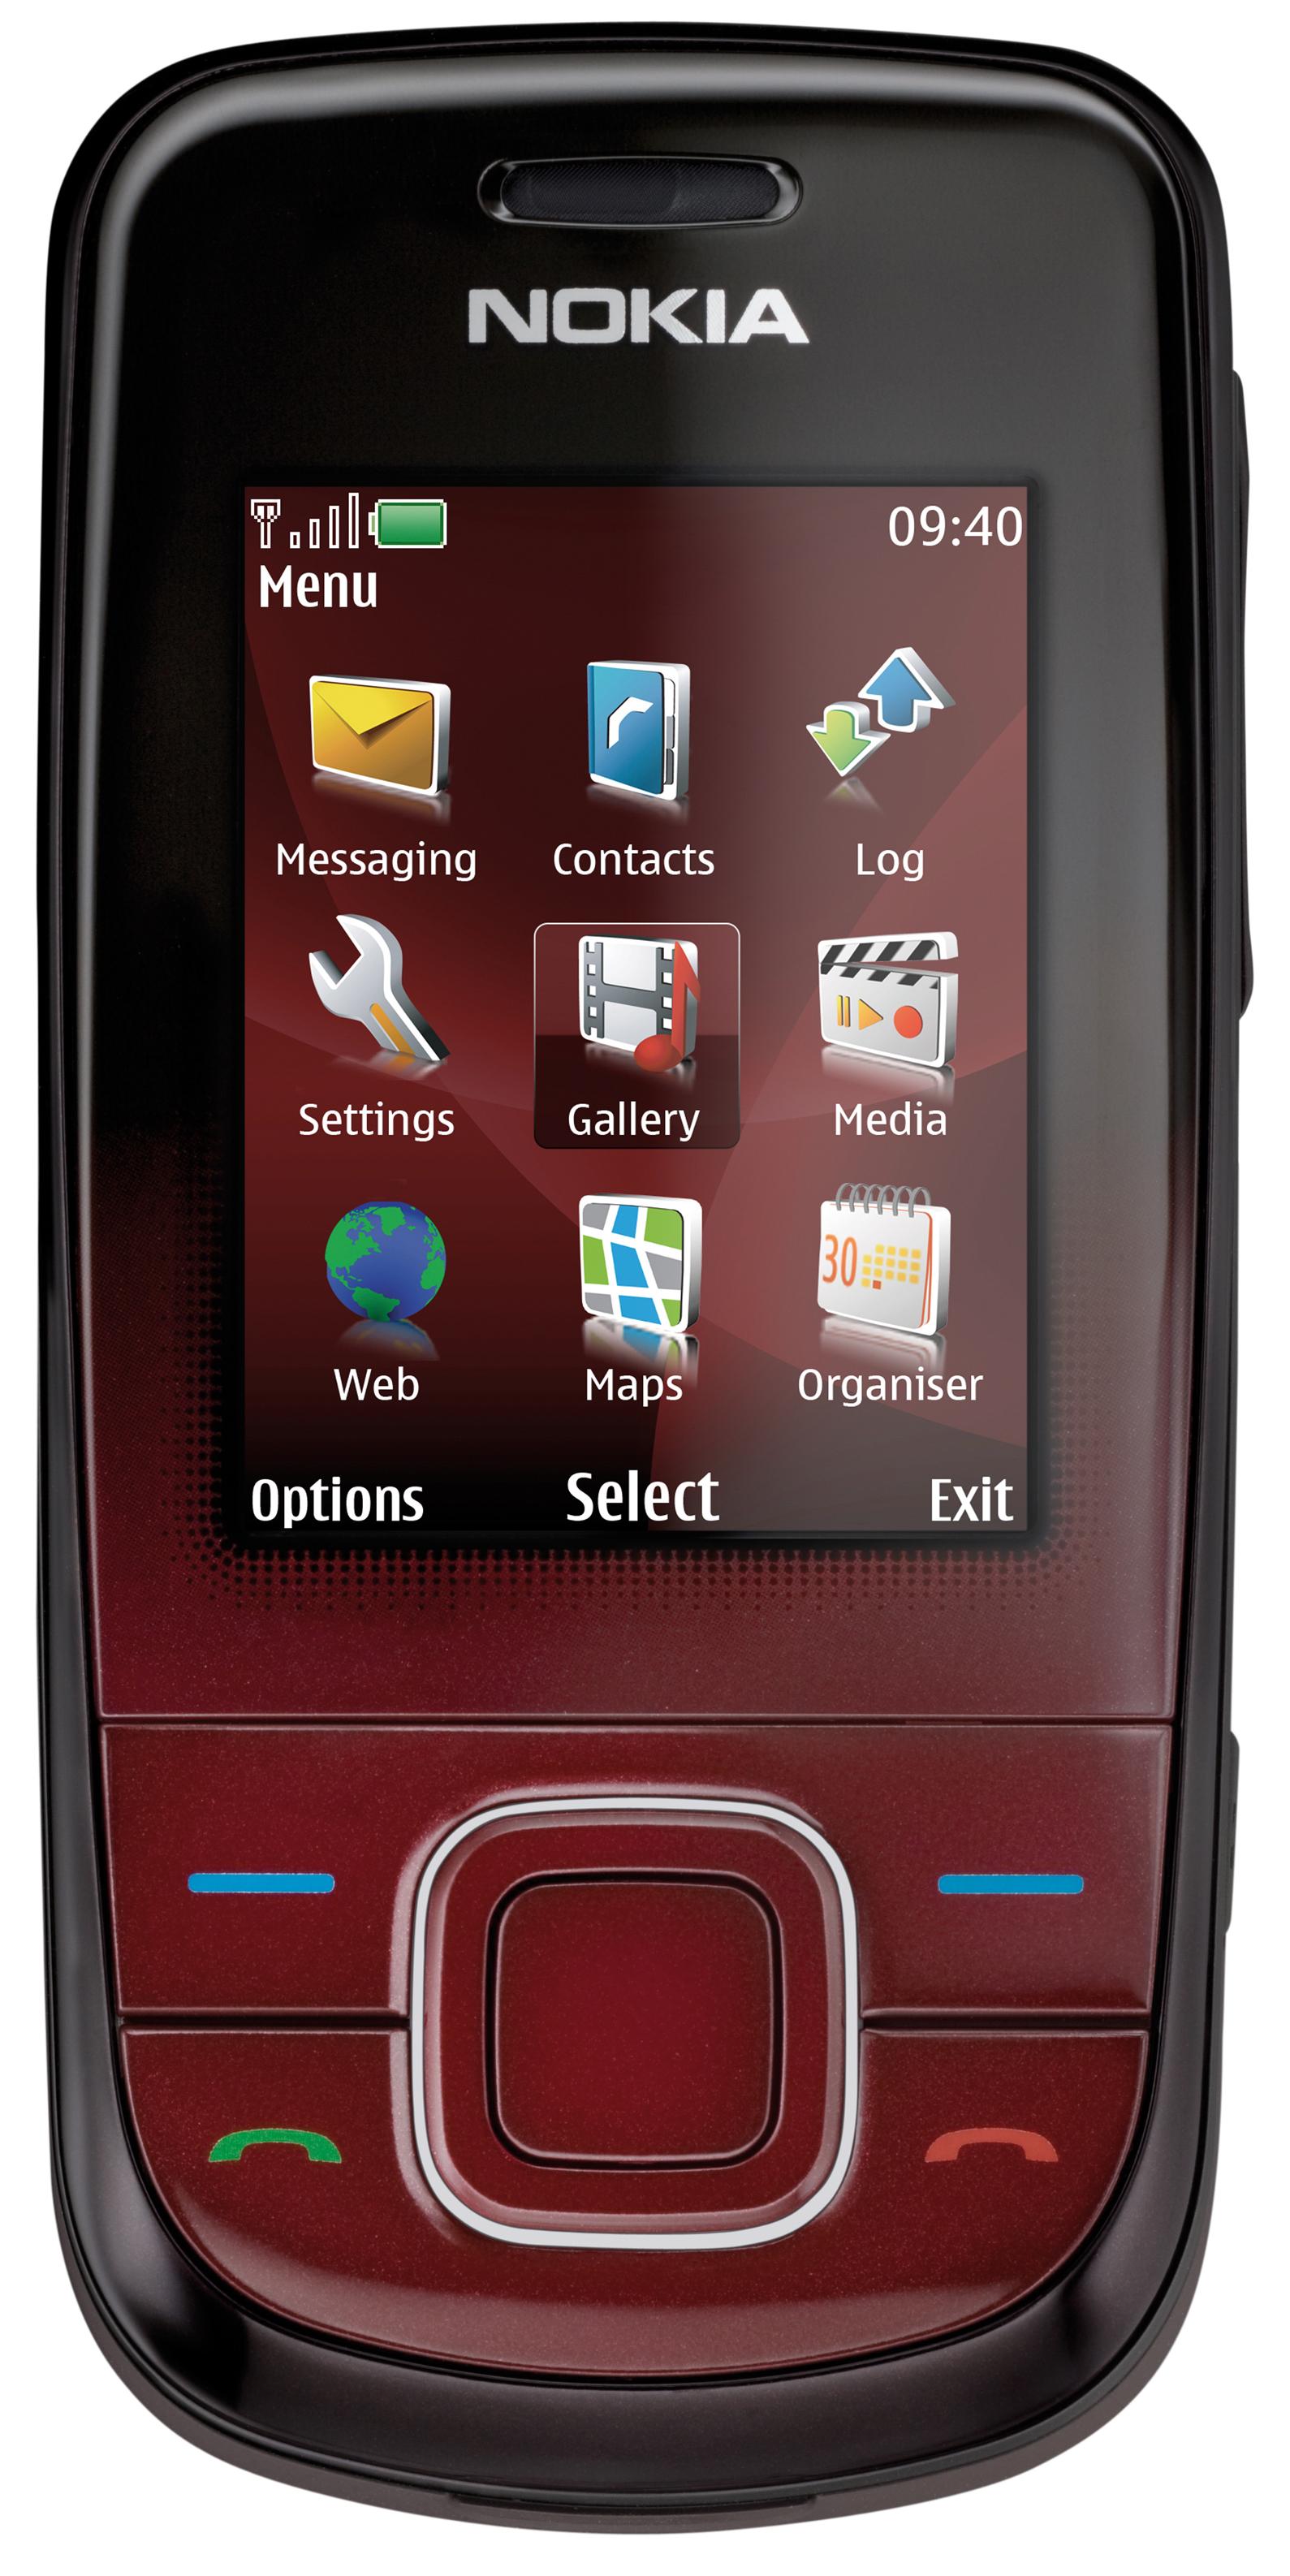 Nokia 6760 slide scheda tecnica e caratteristiche